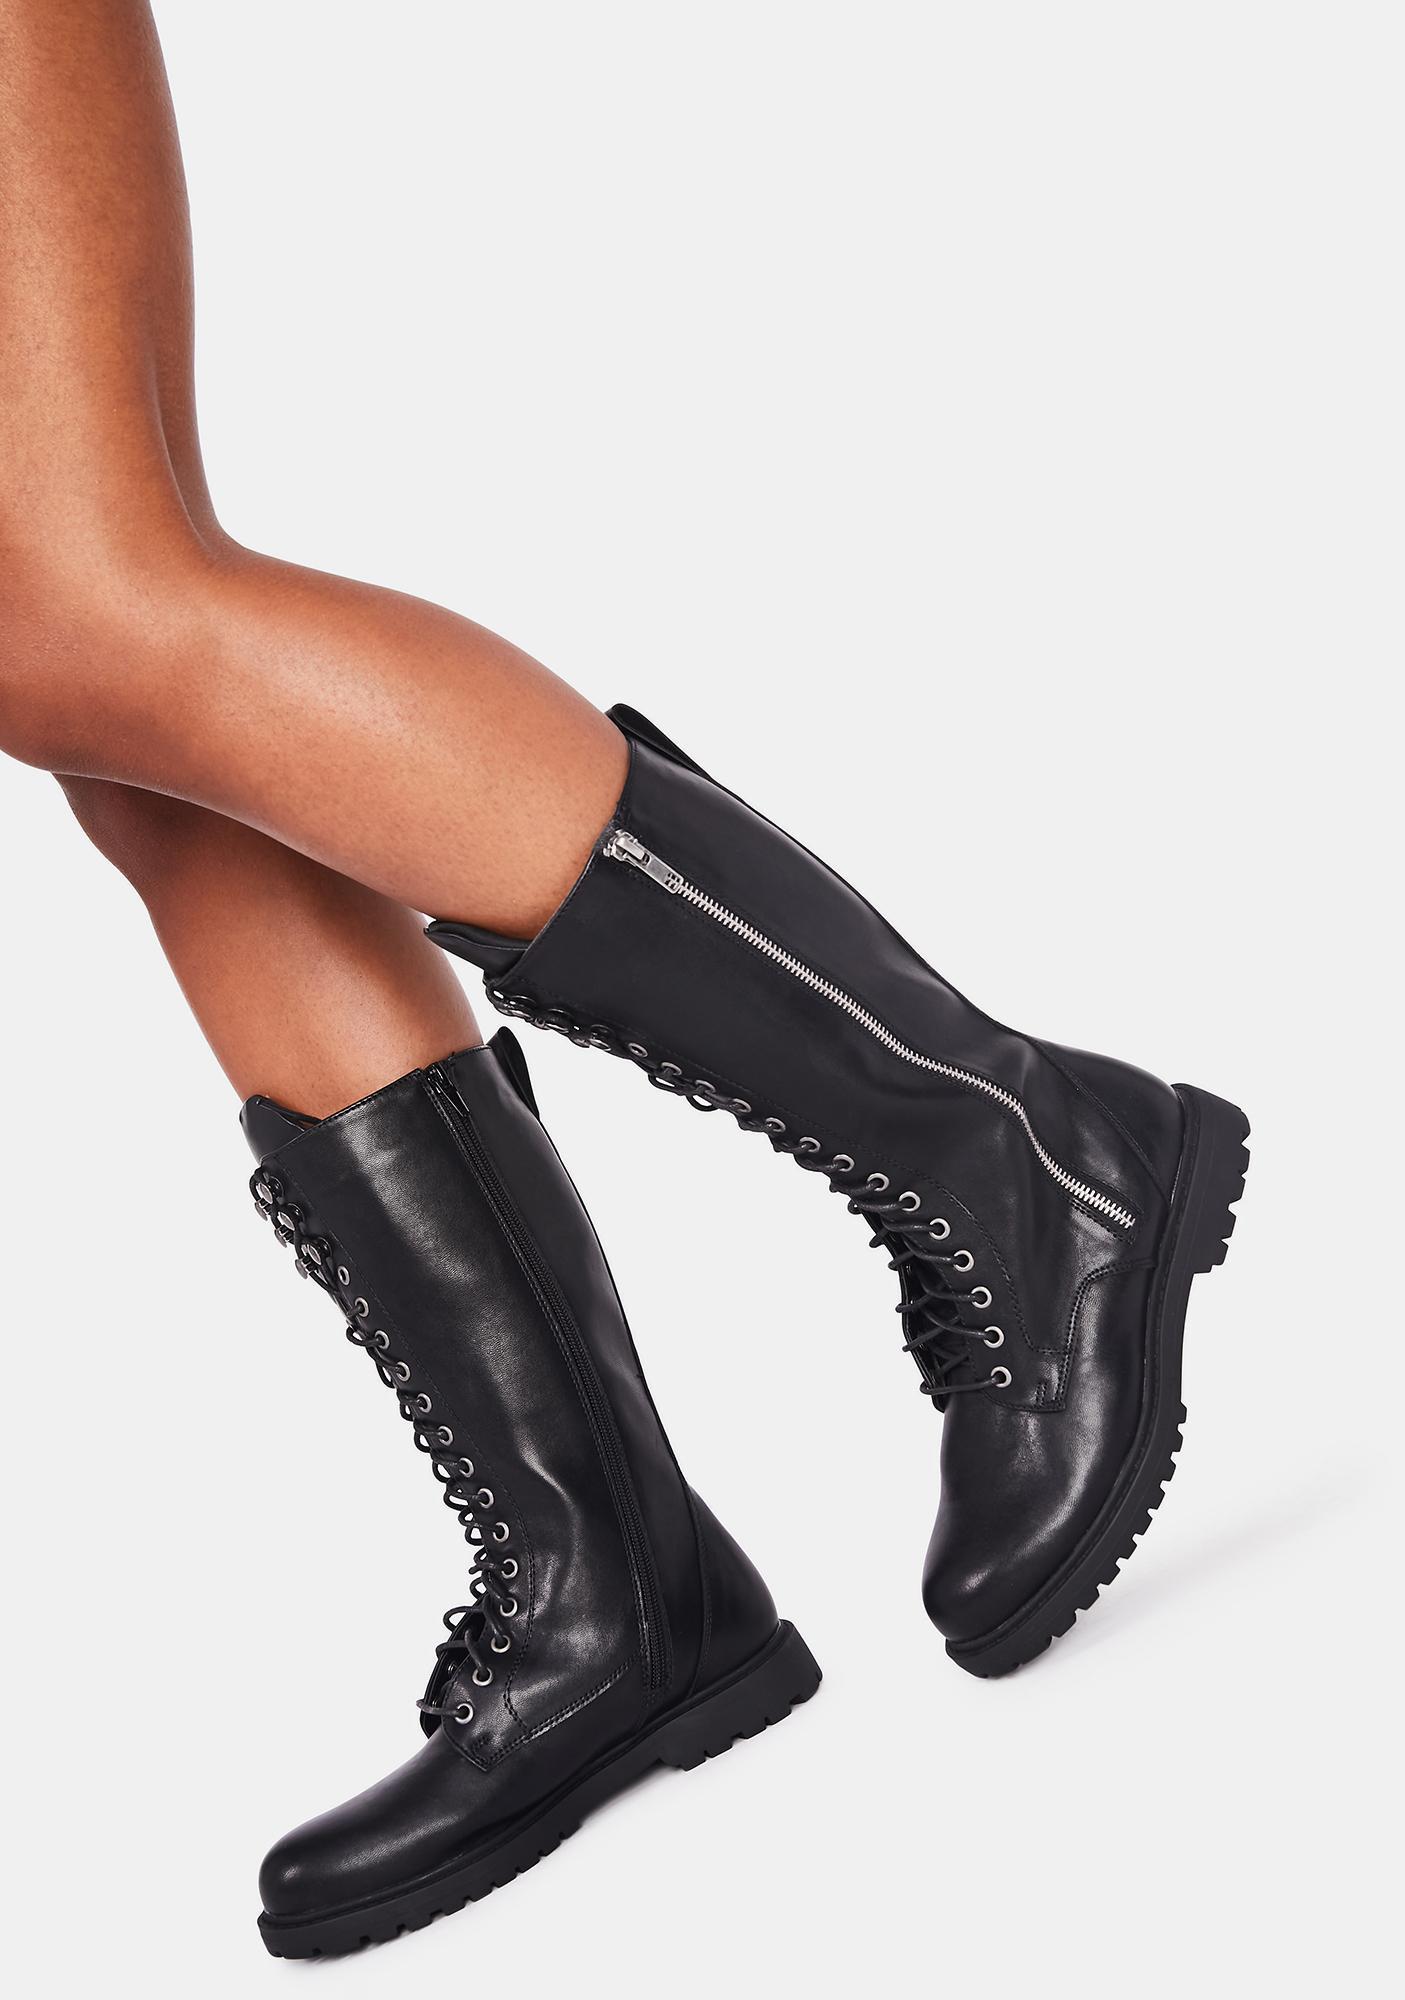 Kiss Of Death Combat Boots